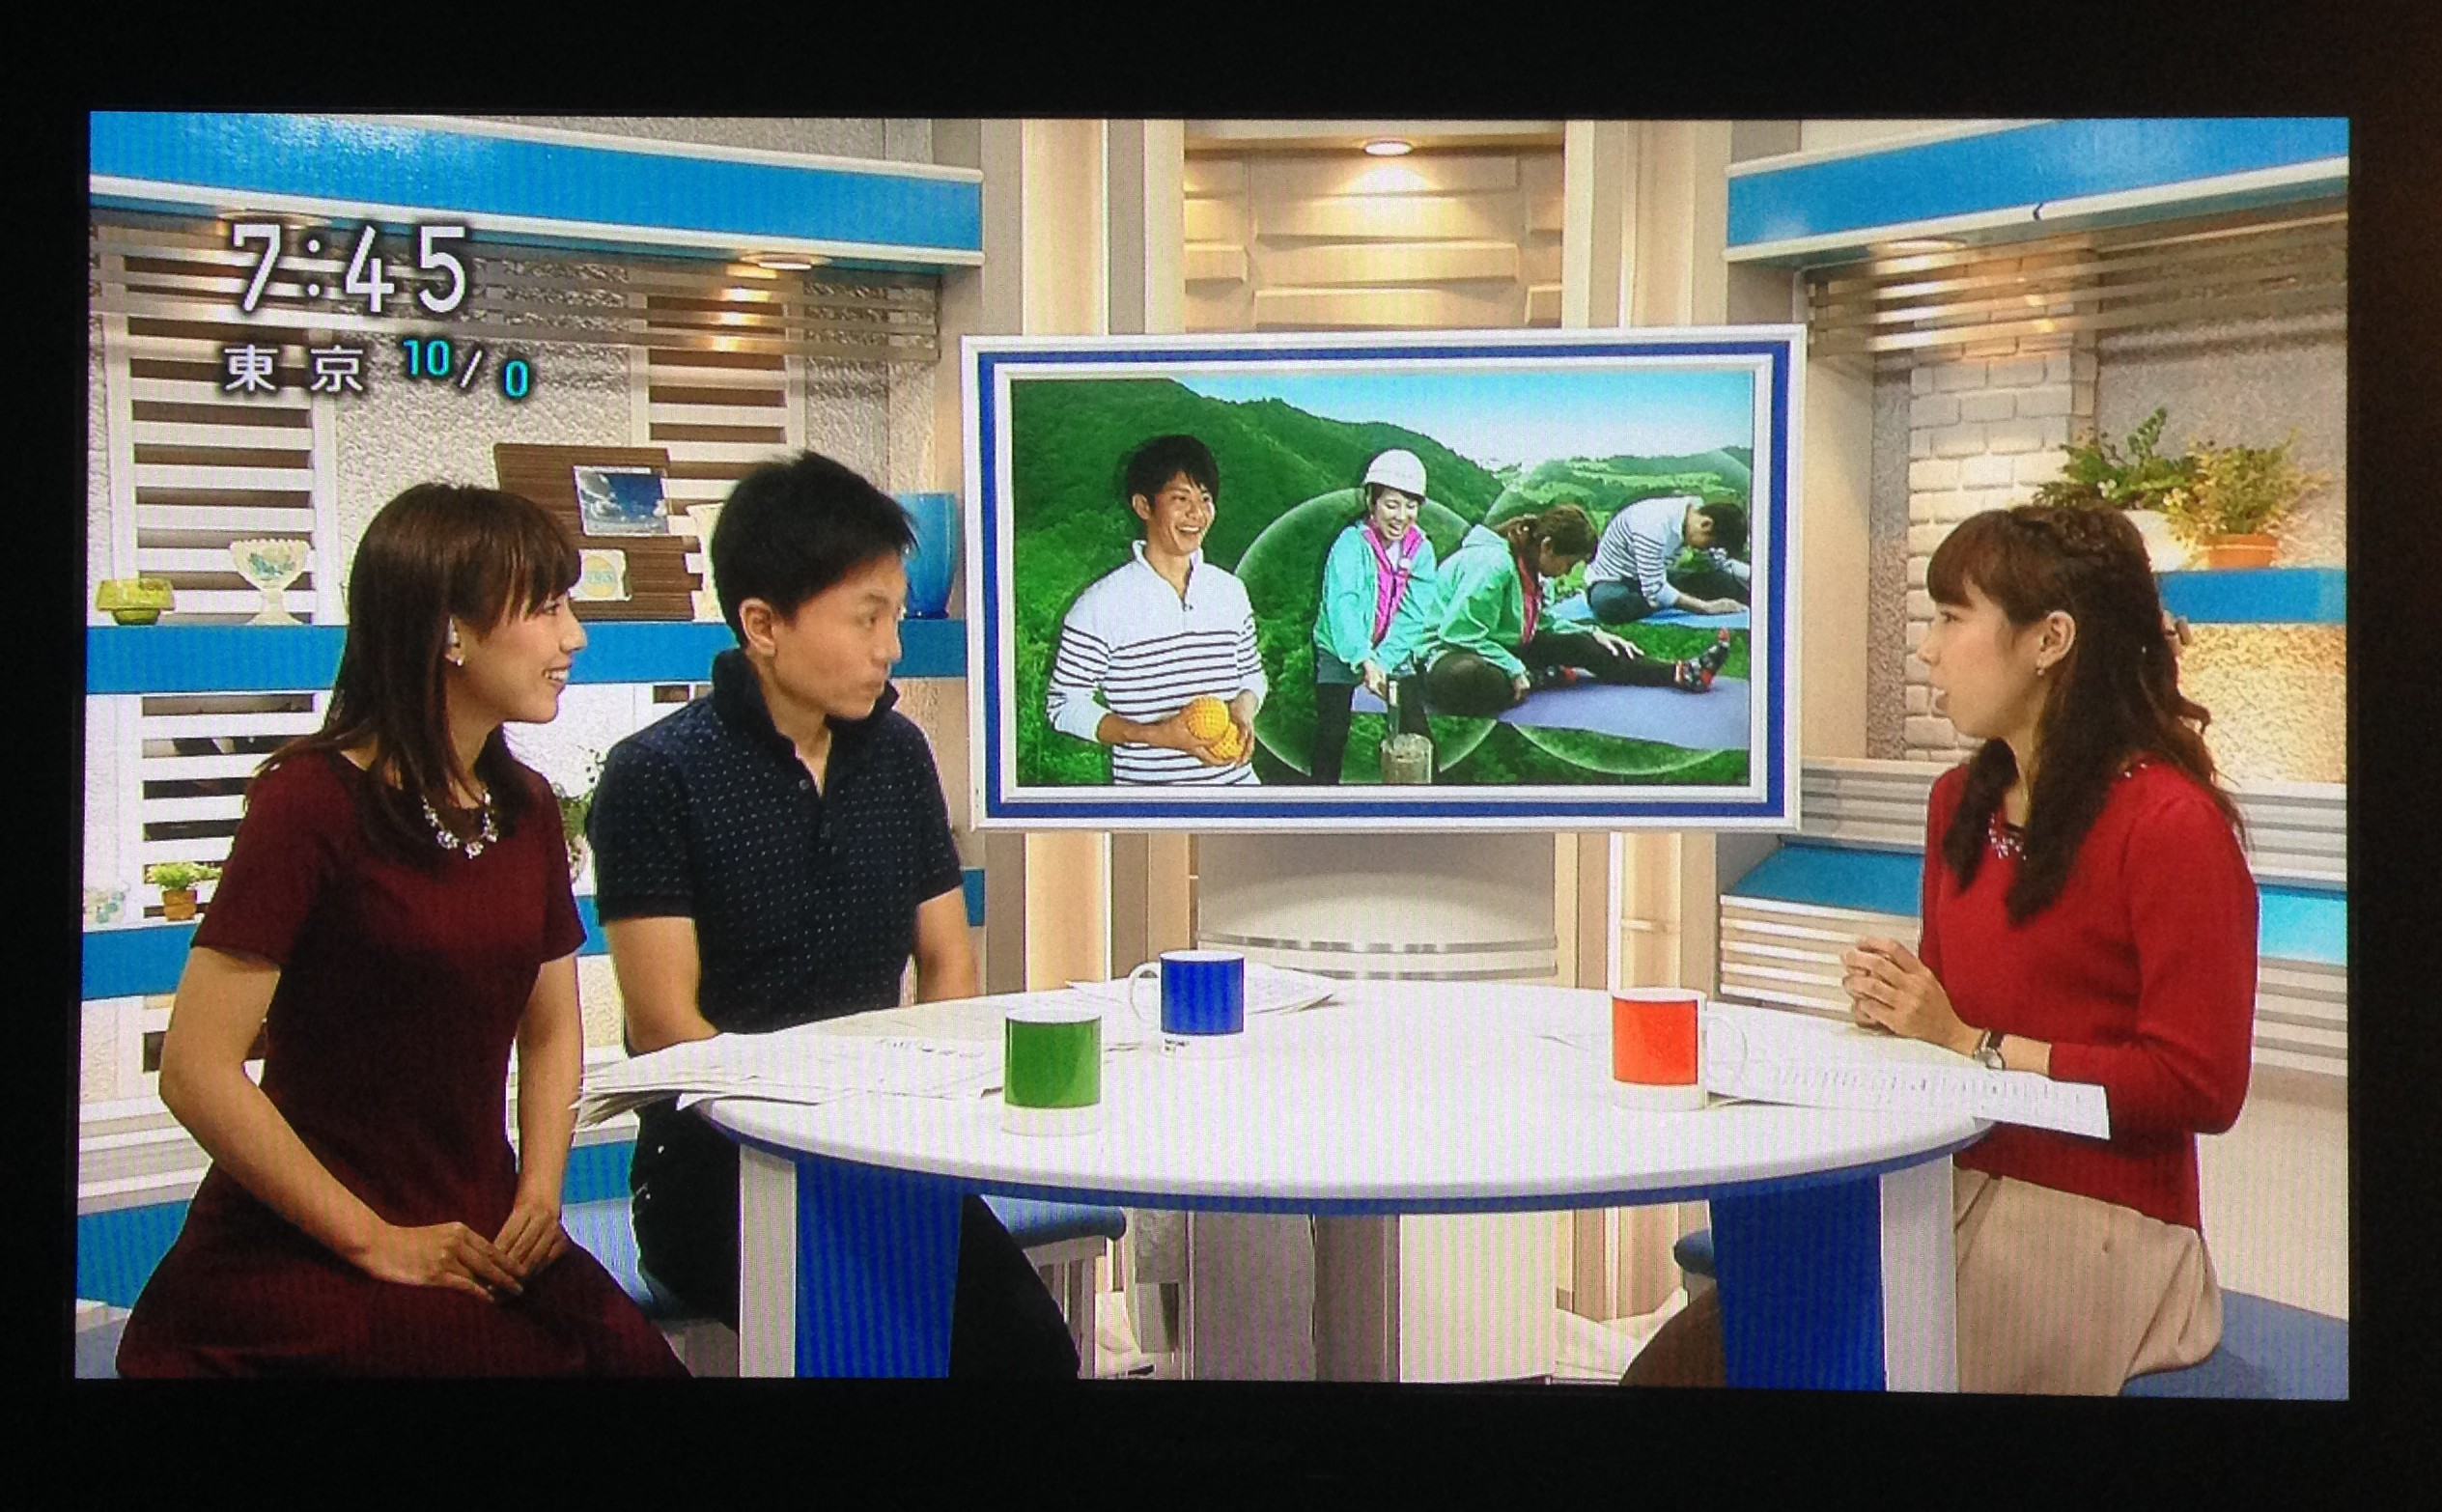 NHKの朝の番組でネイチャーエクササイズが取り上げられました!